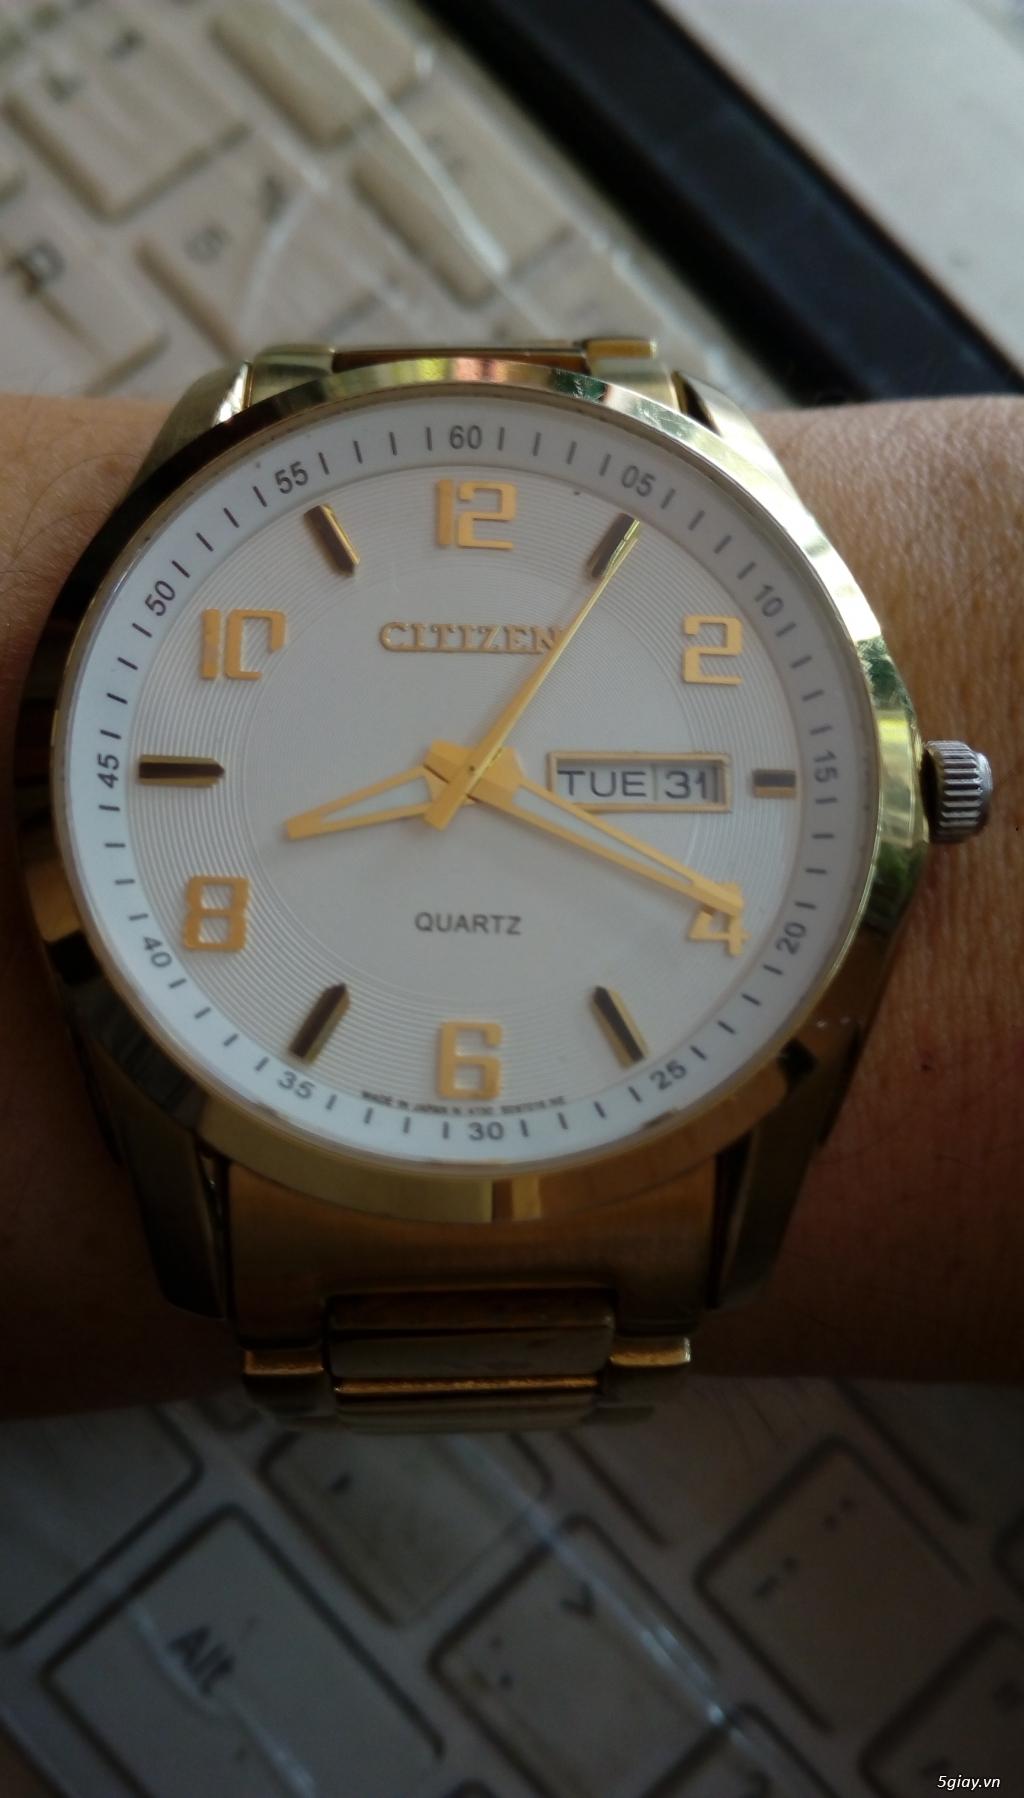 Đồng hồ chính hãng của Mỹ dư xài máy pin Quazt , máy tự động Automatic - 34